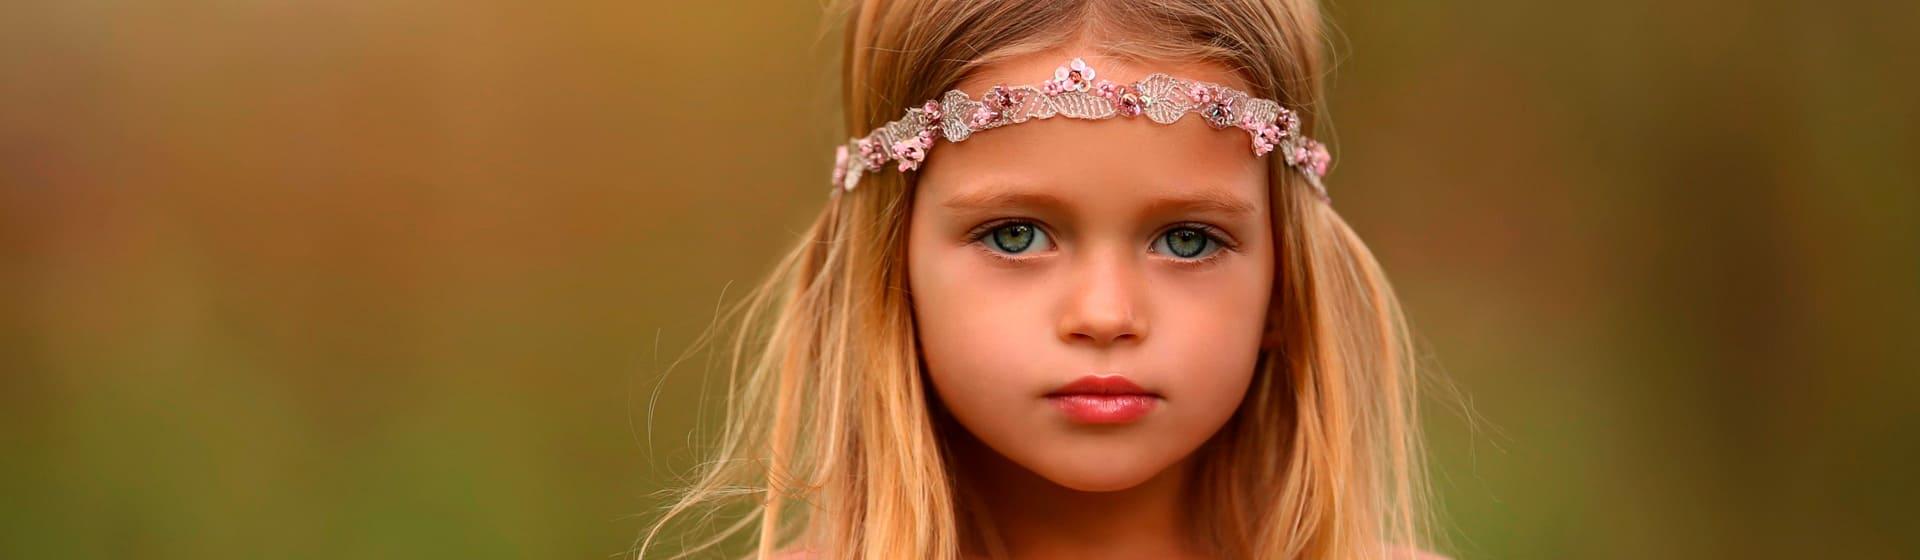 Дочь - Мерч и одежда с атрибутикой